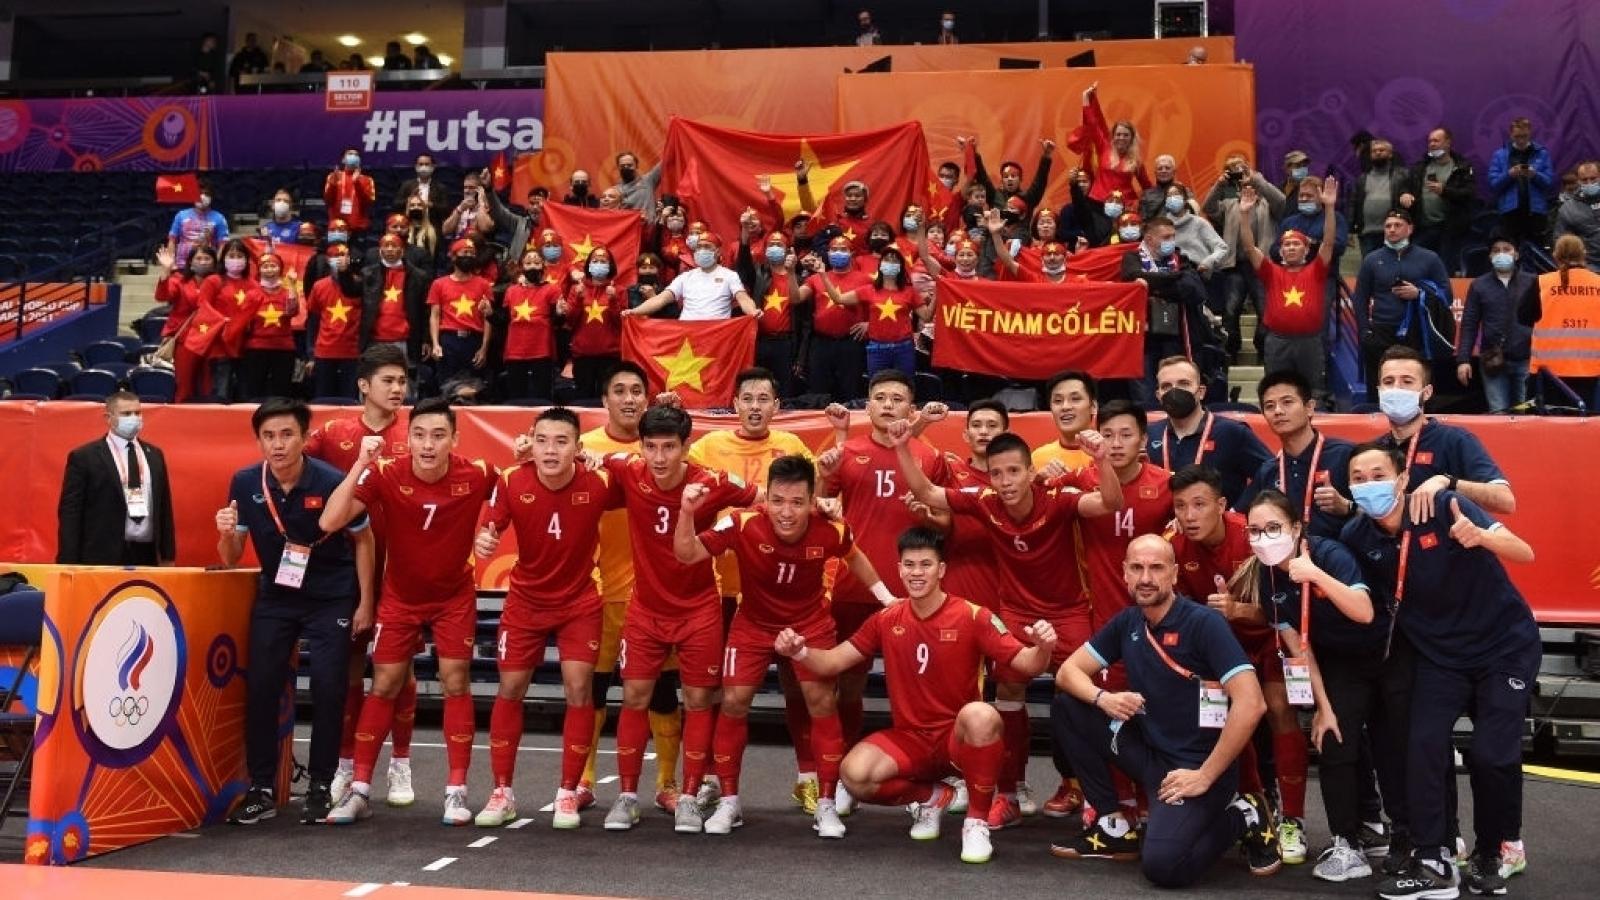 ĐT Futsal Việt Nam được thưởng lớn sau trận đấu với ĐT Futsal Nga